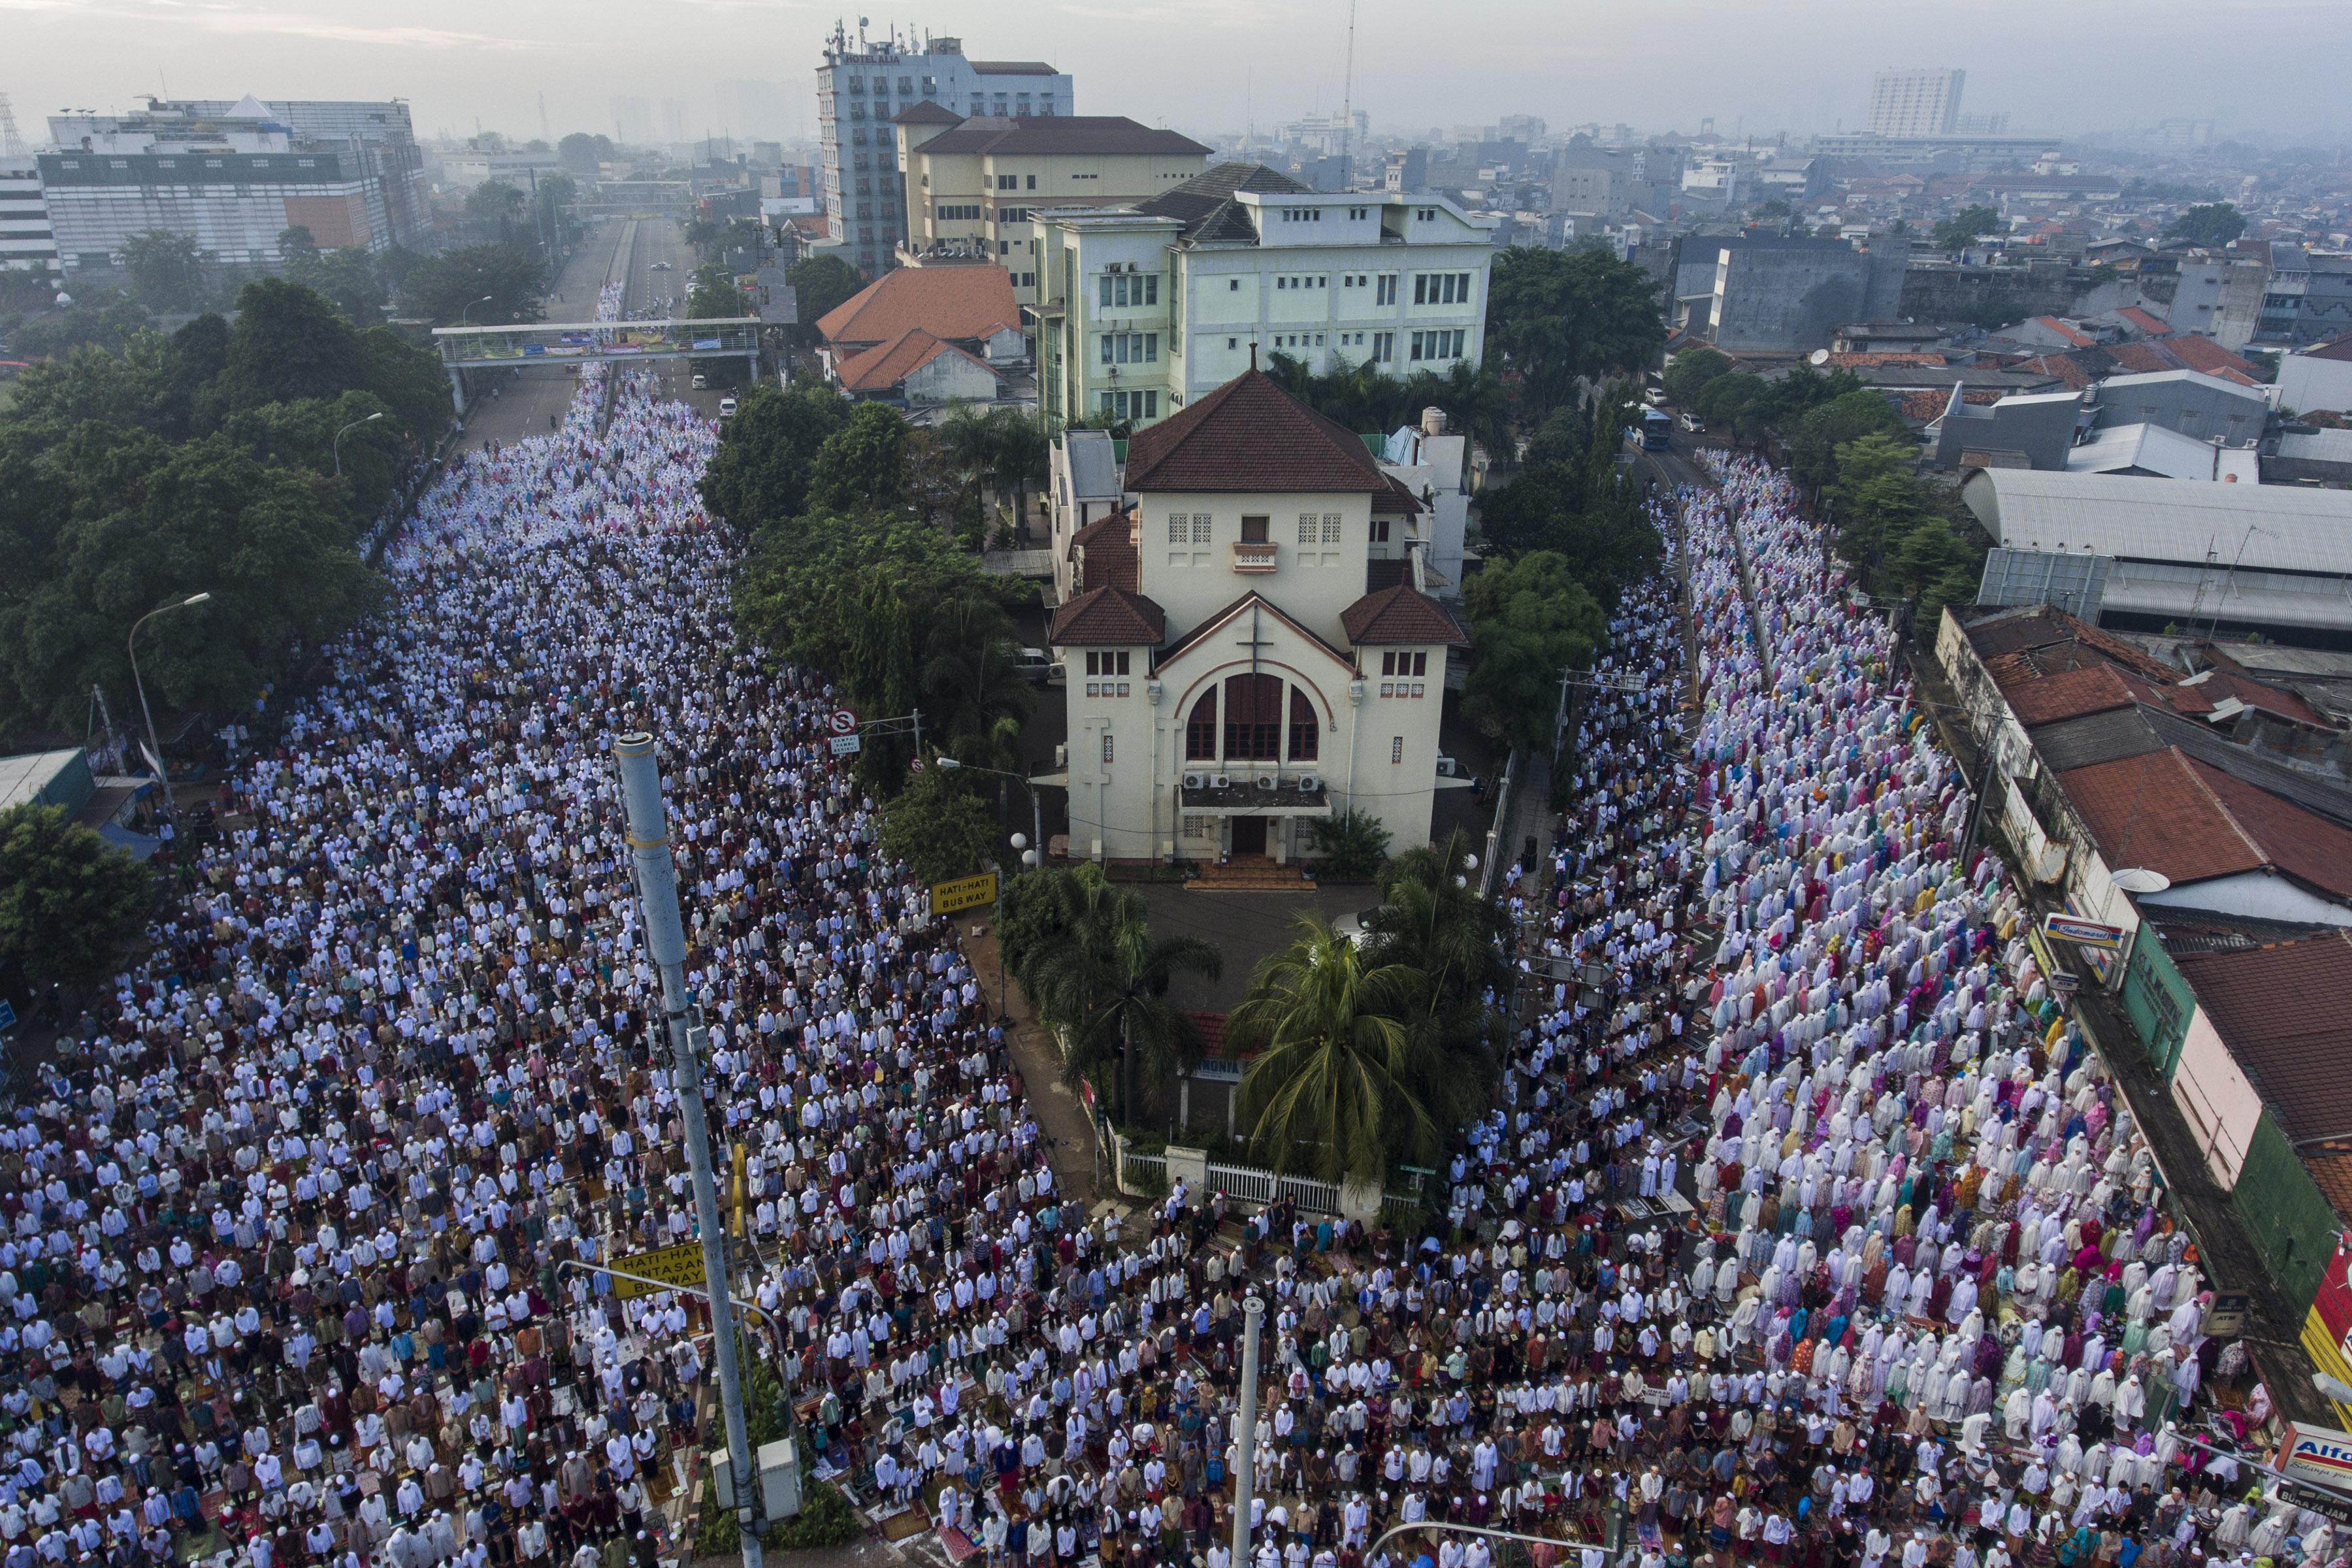 RIBUAN UMAT MUSLIM SALAT. Foto aerial ribuan umat muslim mengikuti salat Idul Fitri 1438 H di Jatinegara, Jakarta Timur, Minggu, 25 Juni. Foto oleh Sigid Kurniawan/ANTARA